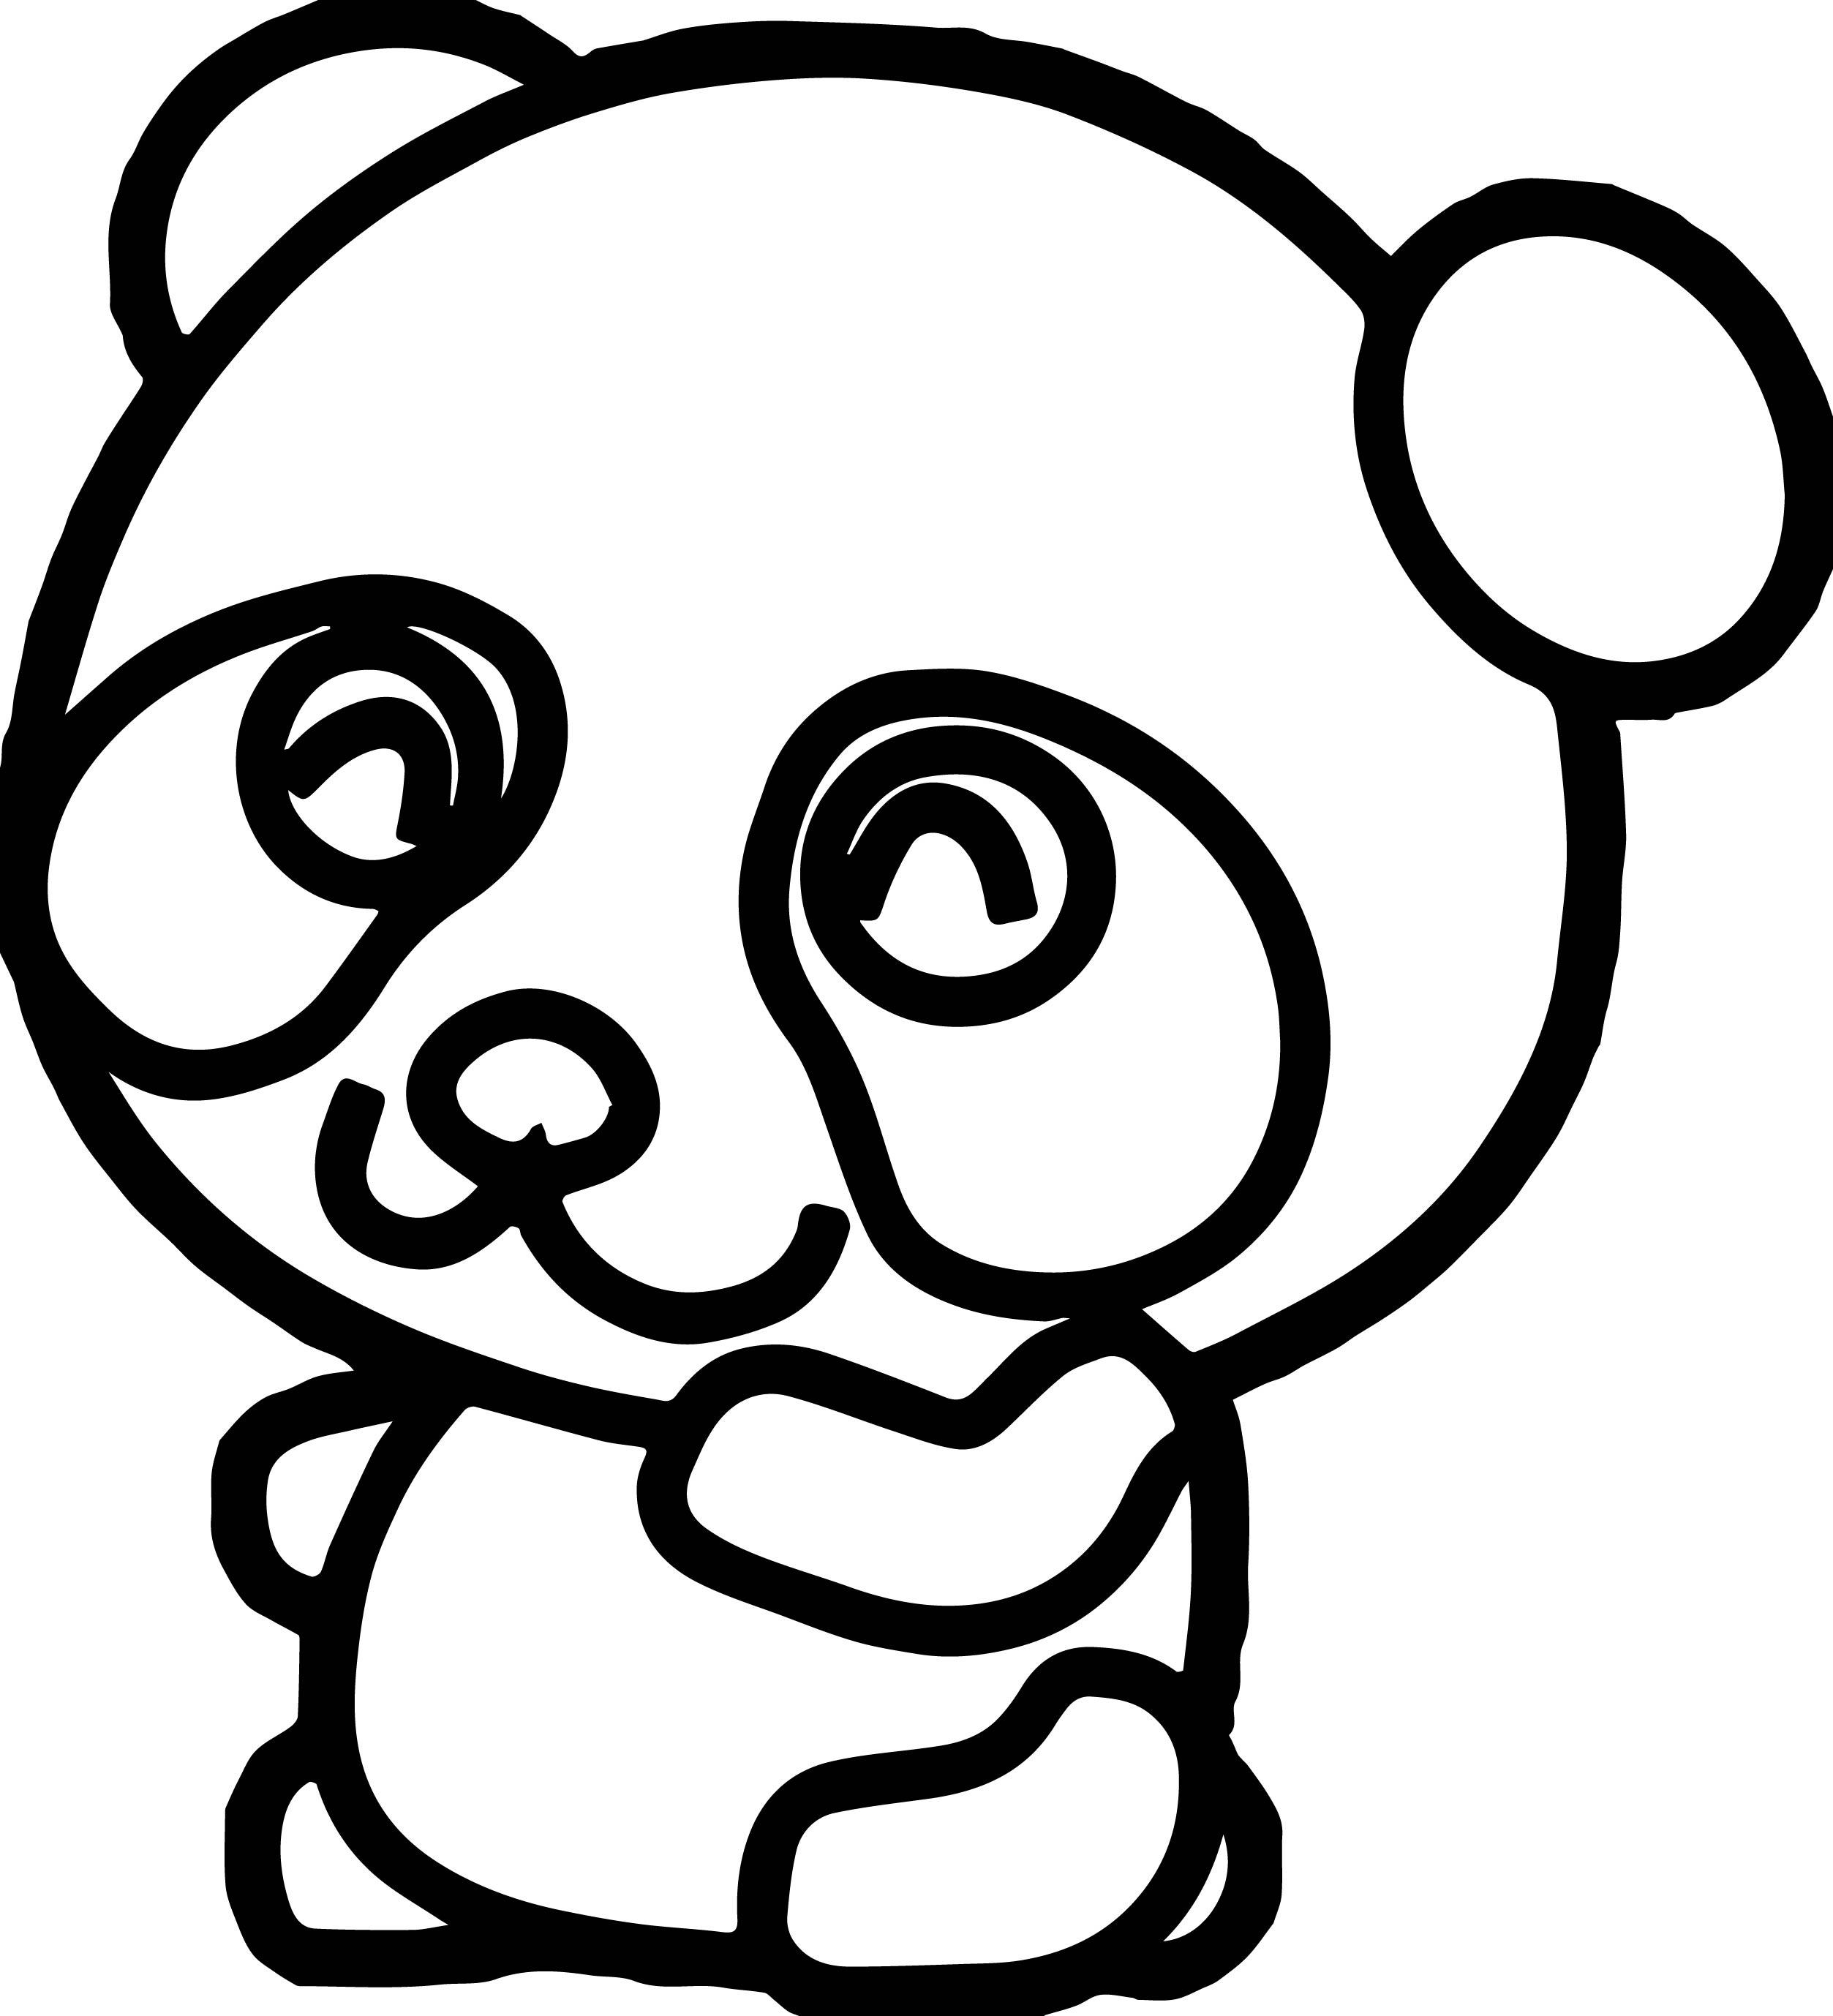 2506x2756 Panda Coloring Page Panda Coloring Page Cute Kung Fu Panda